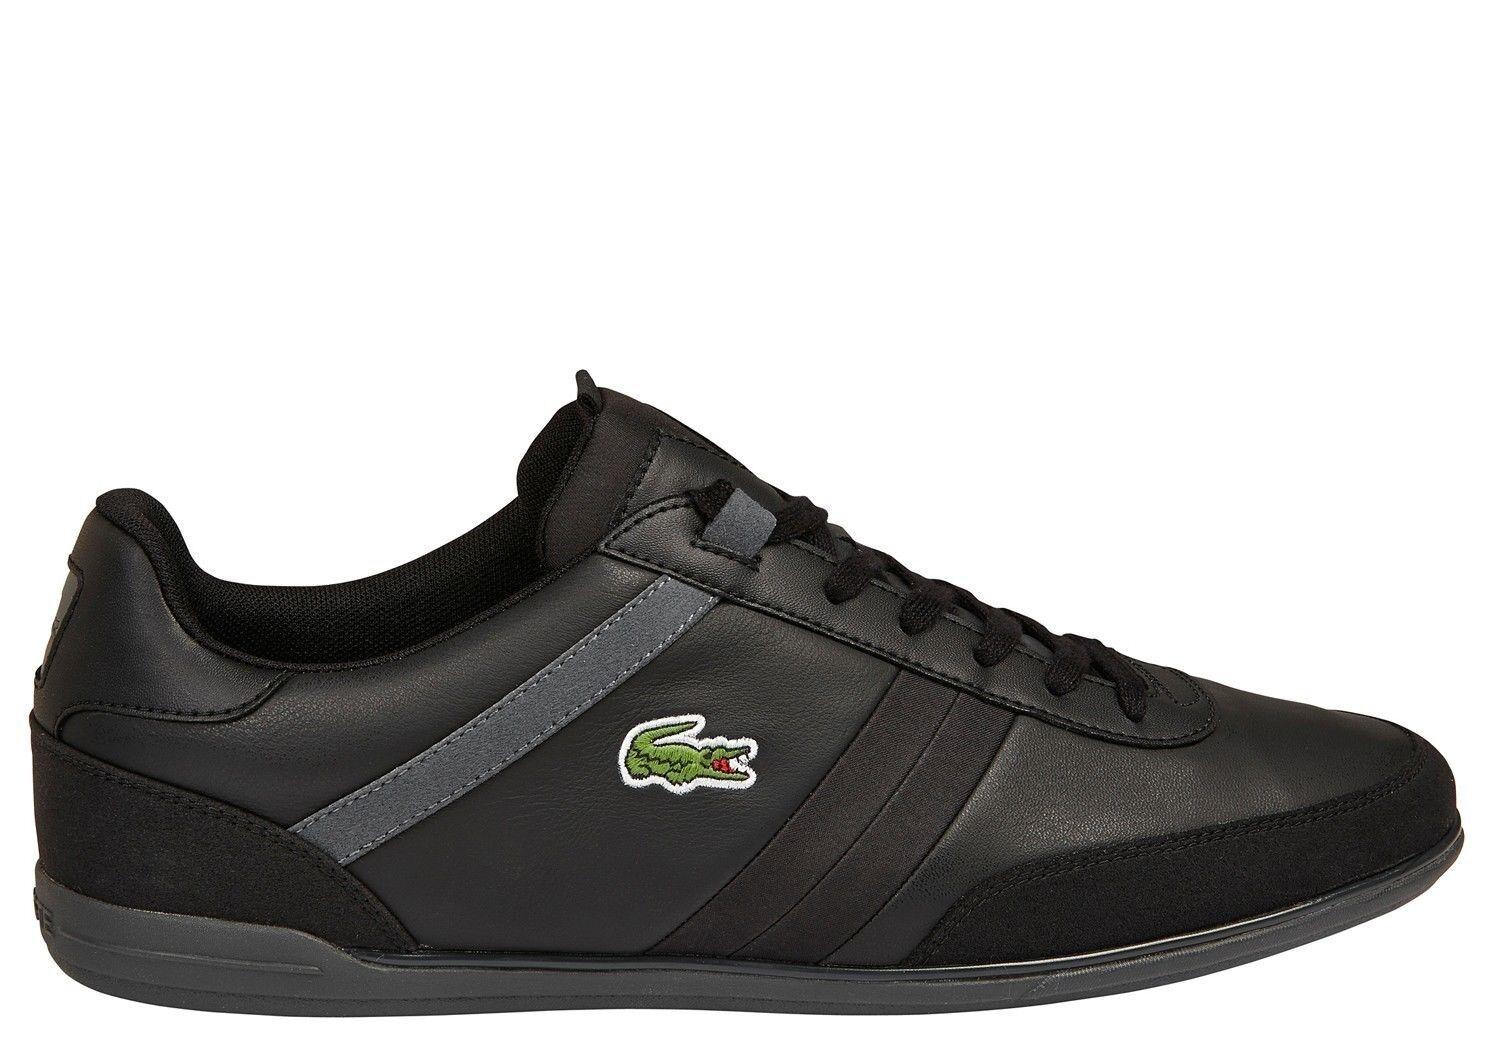 Nuevo Zapatos Lacoste Giron 316 Spm Deportiva para Hombre Cuero